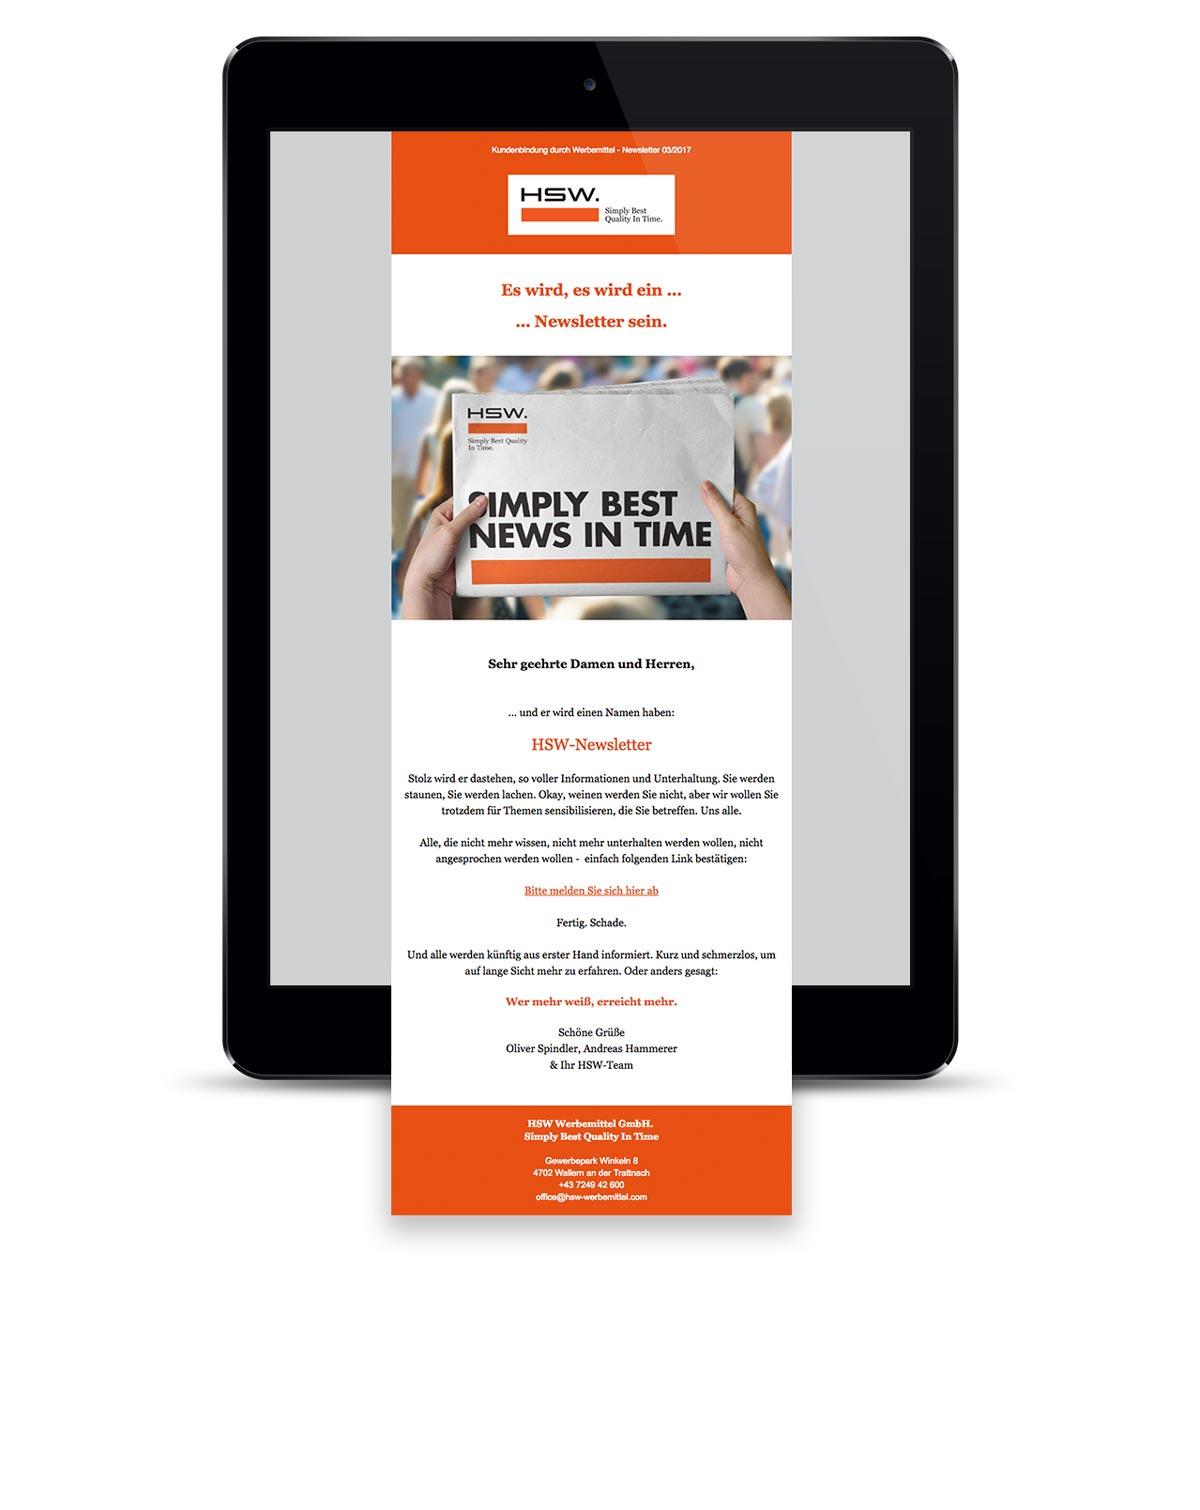 newsletter-hsw-werbemittel-designkitchen-1.jpg